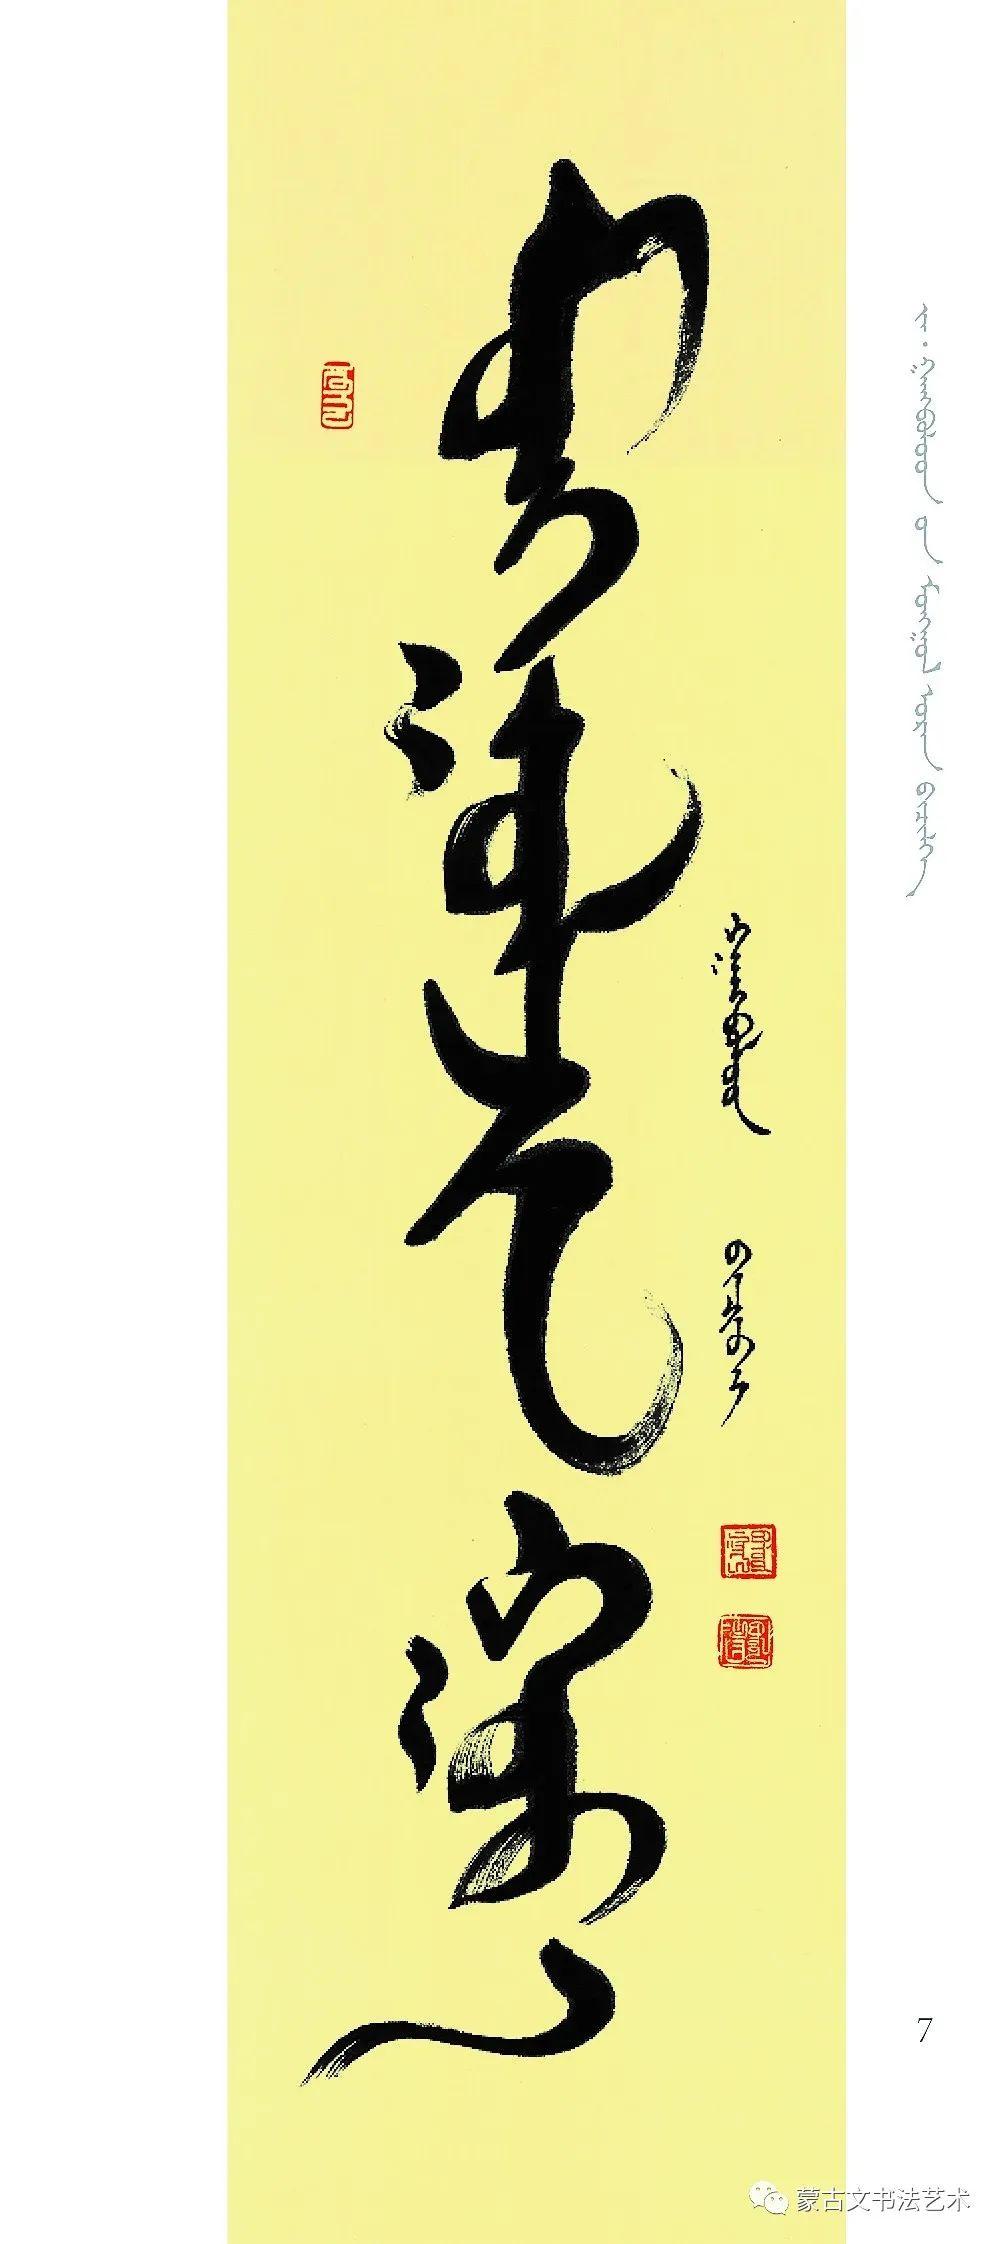 钢宝力达蒙古文书法(二) 第4张